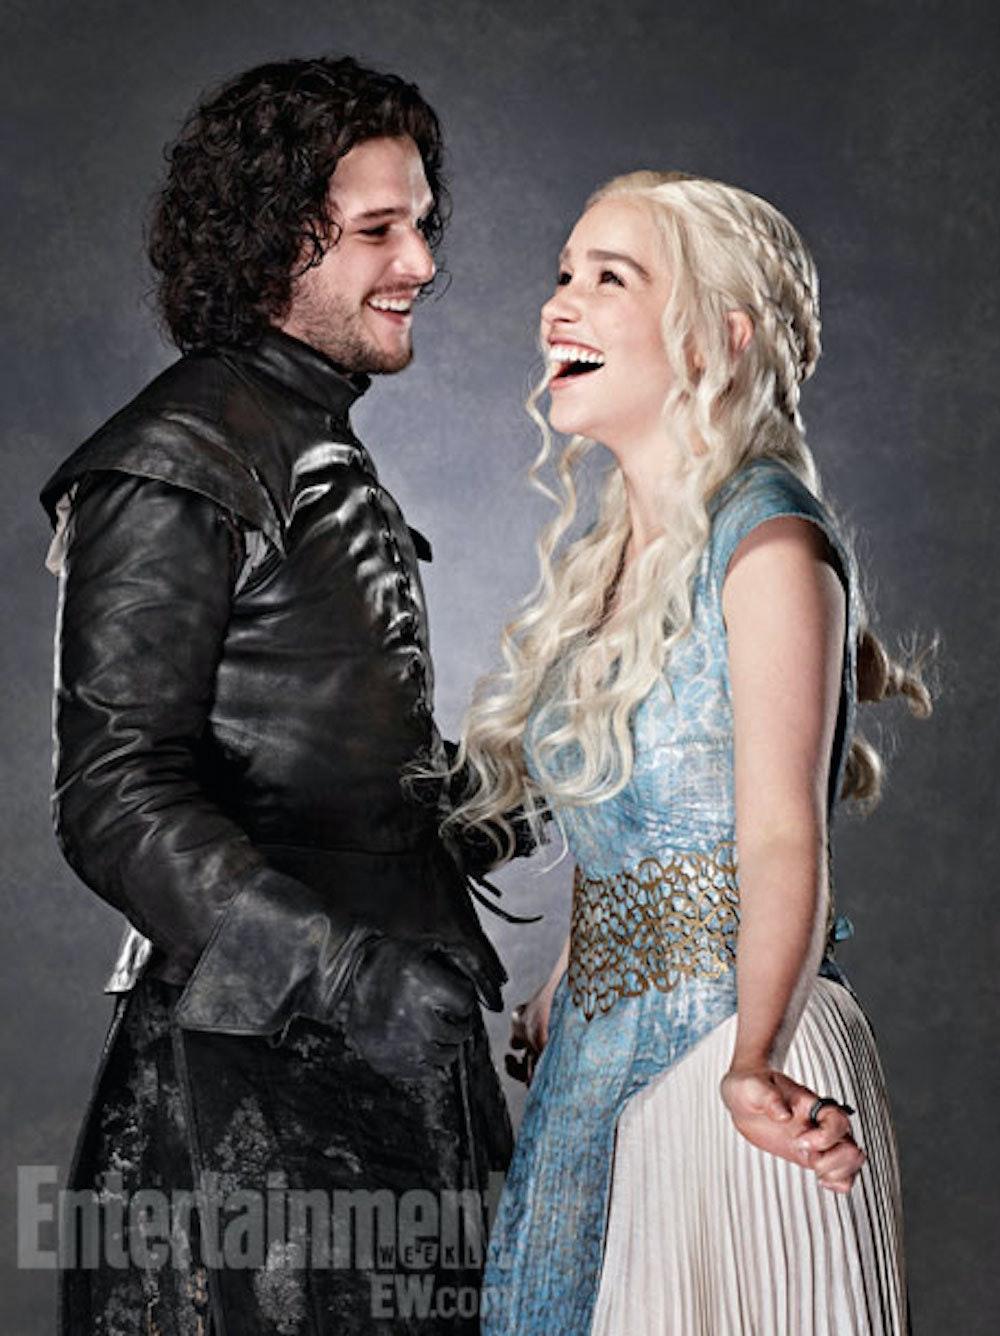 Game of thrones season daenerys and jon snow